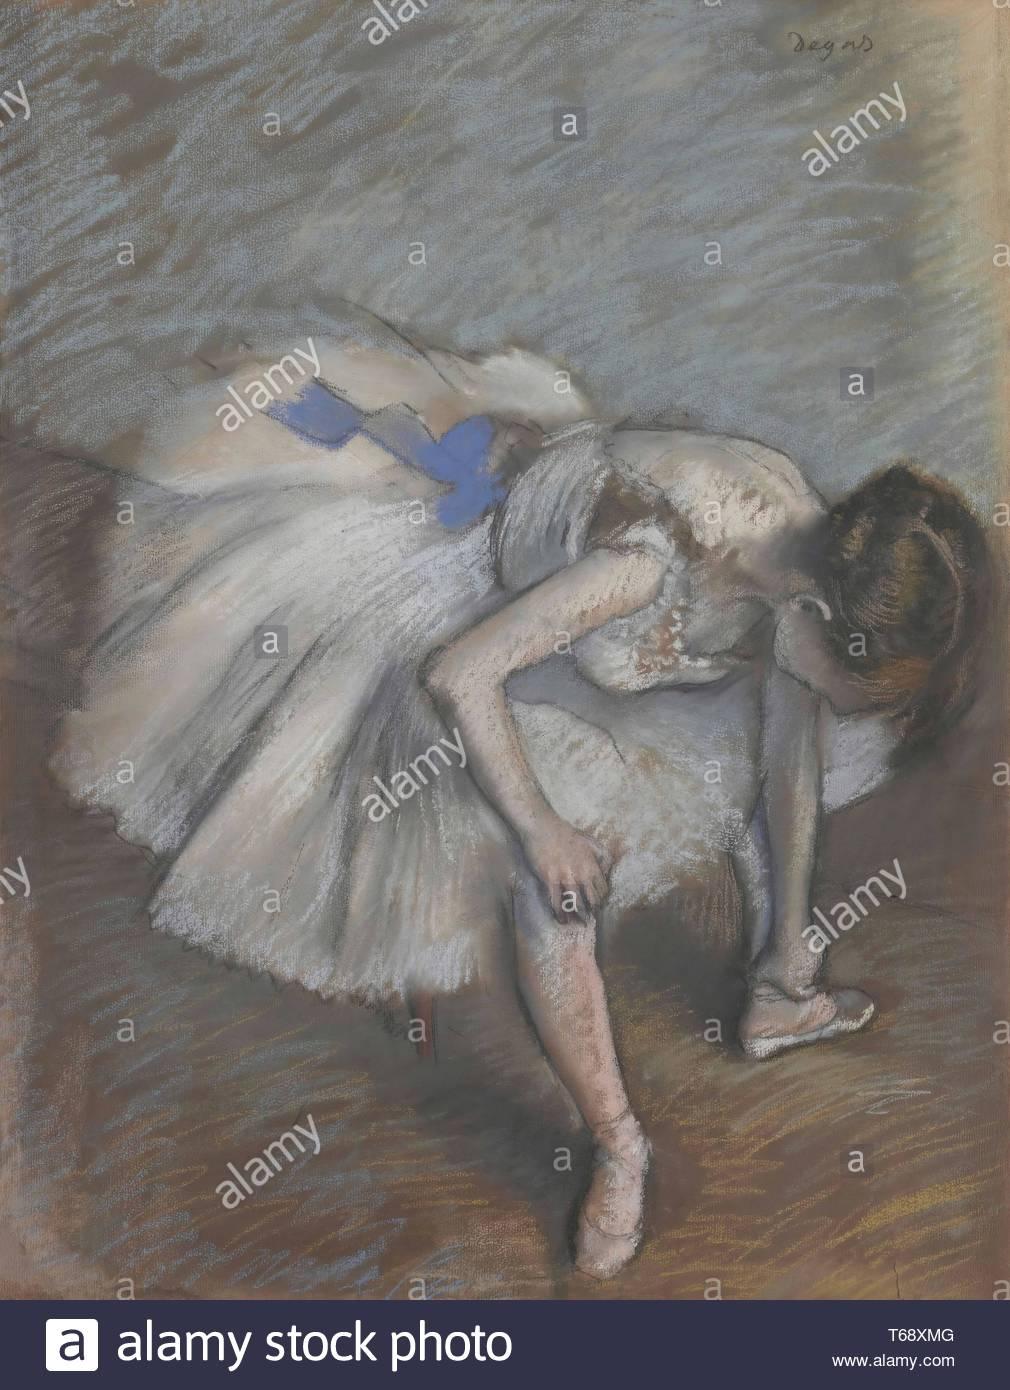 Edgar Degas-Seated dancer leaning forward, massaging her left foot - Stock Image